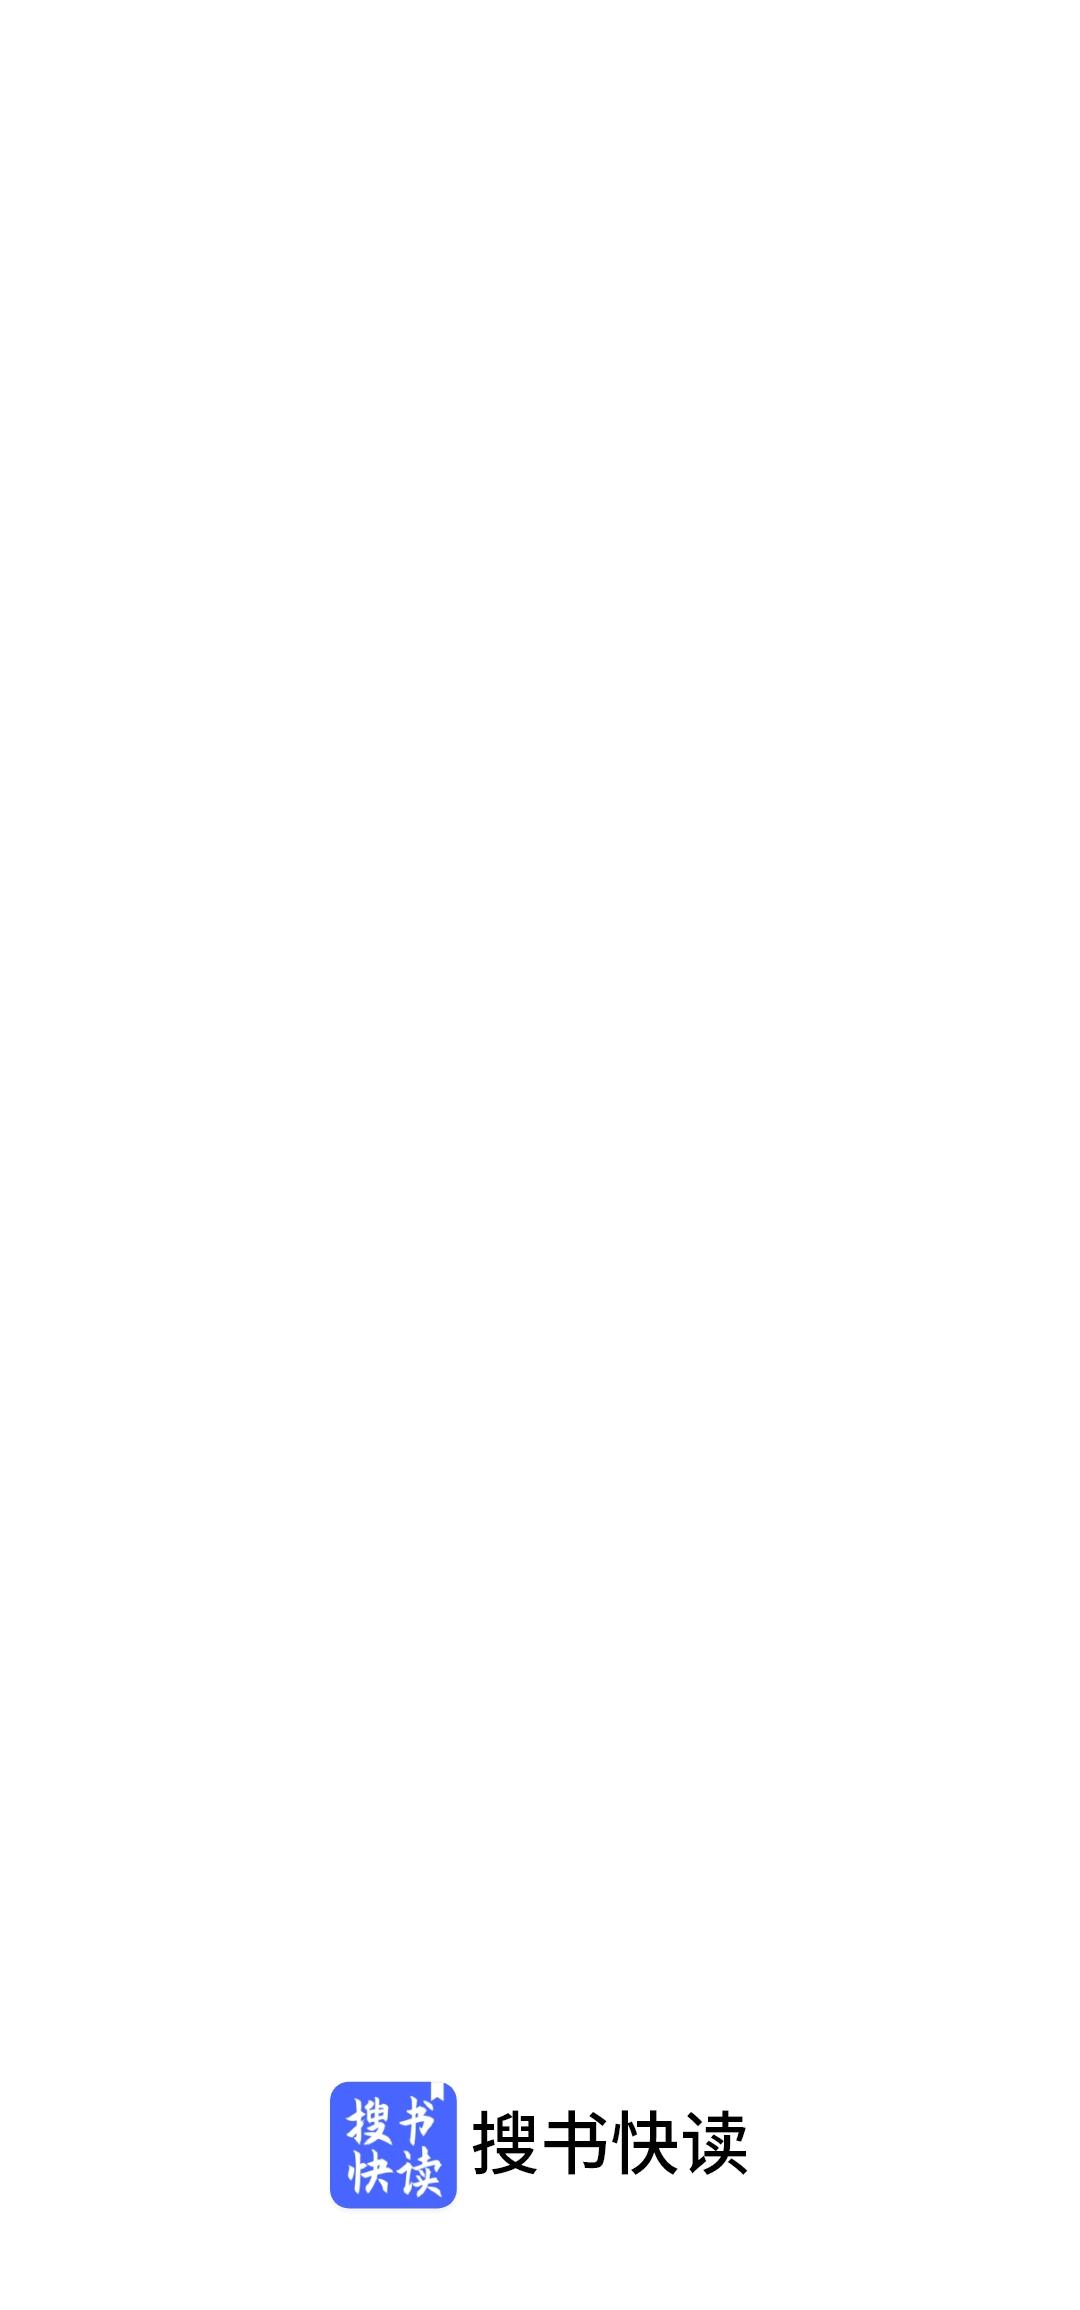 〖分享〗搜书快读x_v1.0.0.723全网无广告免费小说